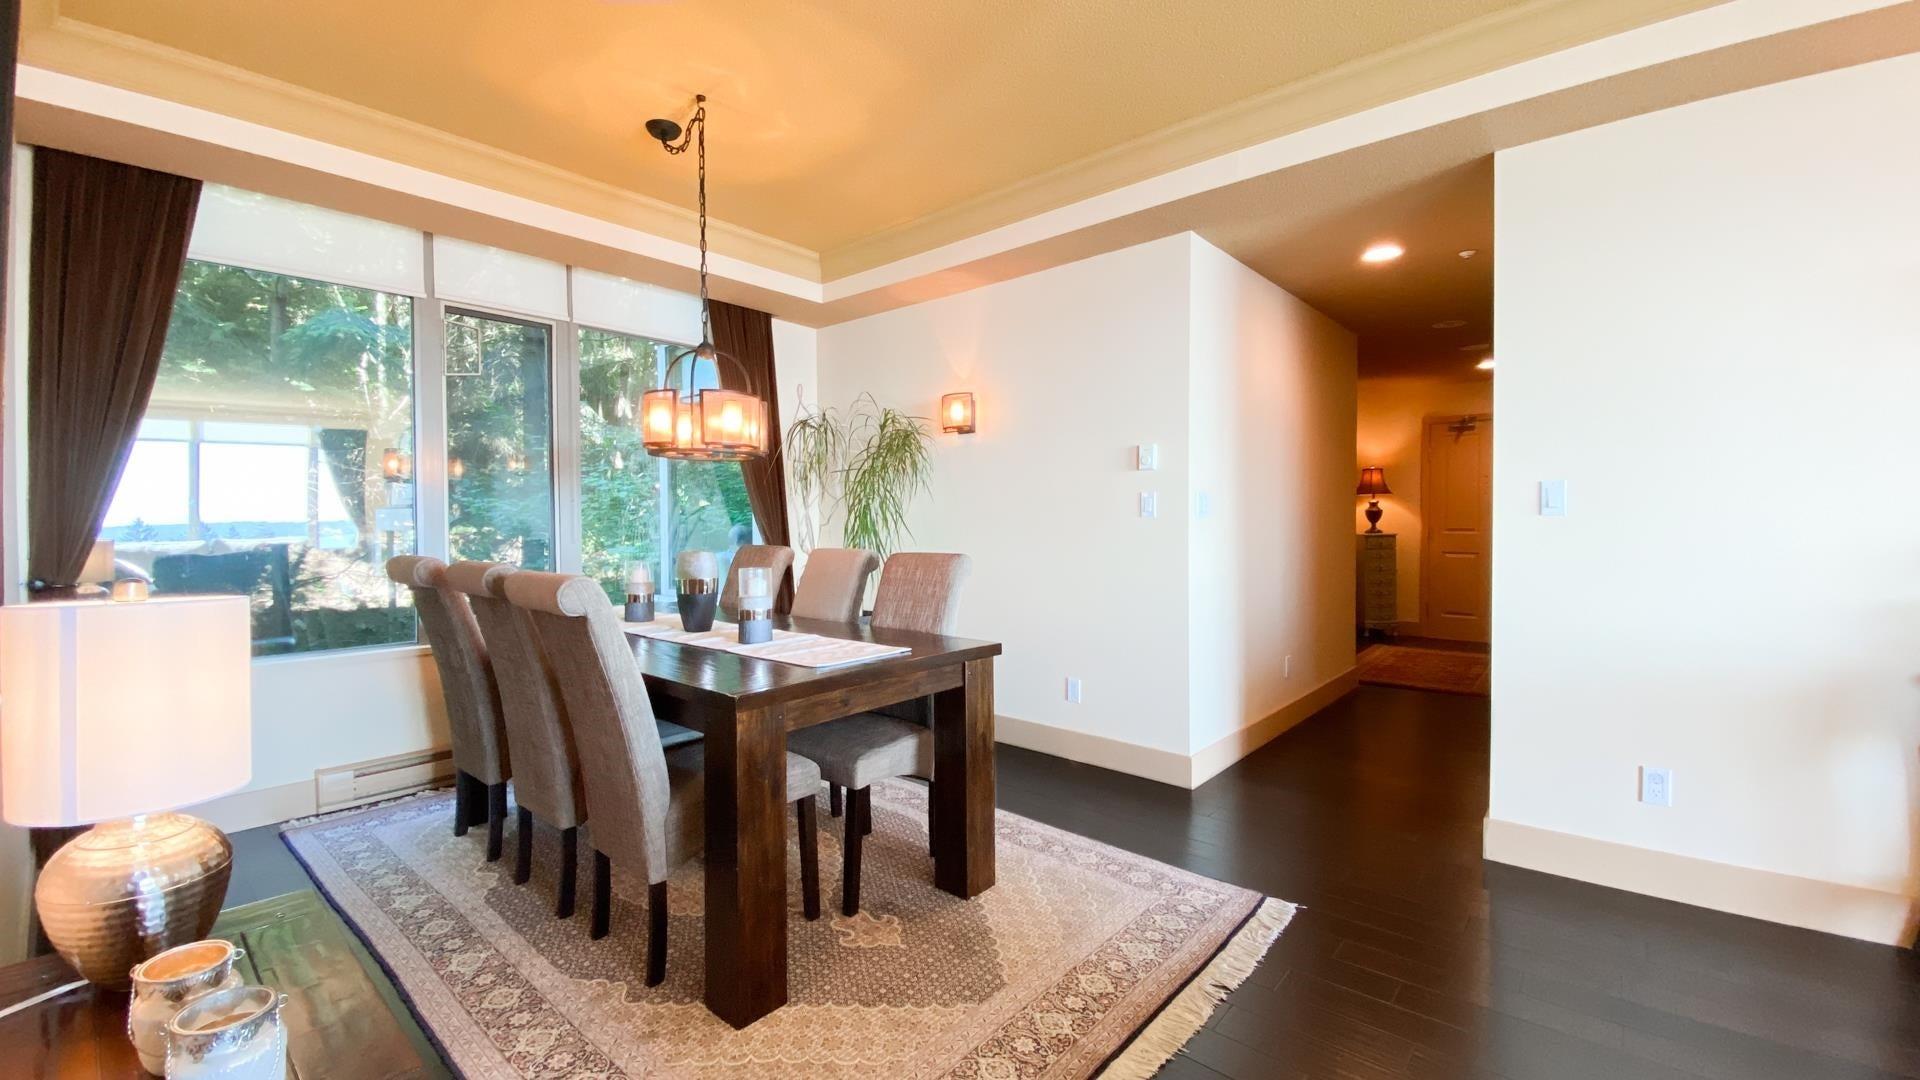 301 3131 DEER RIDGE DRIVE - Deer Ridge WV Apartment/Condo for sale, 2 Bedrooms (R2615692) - #13